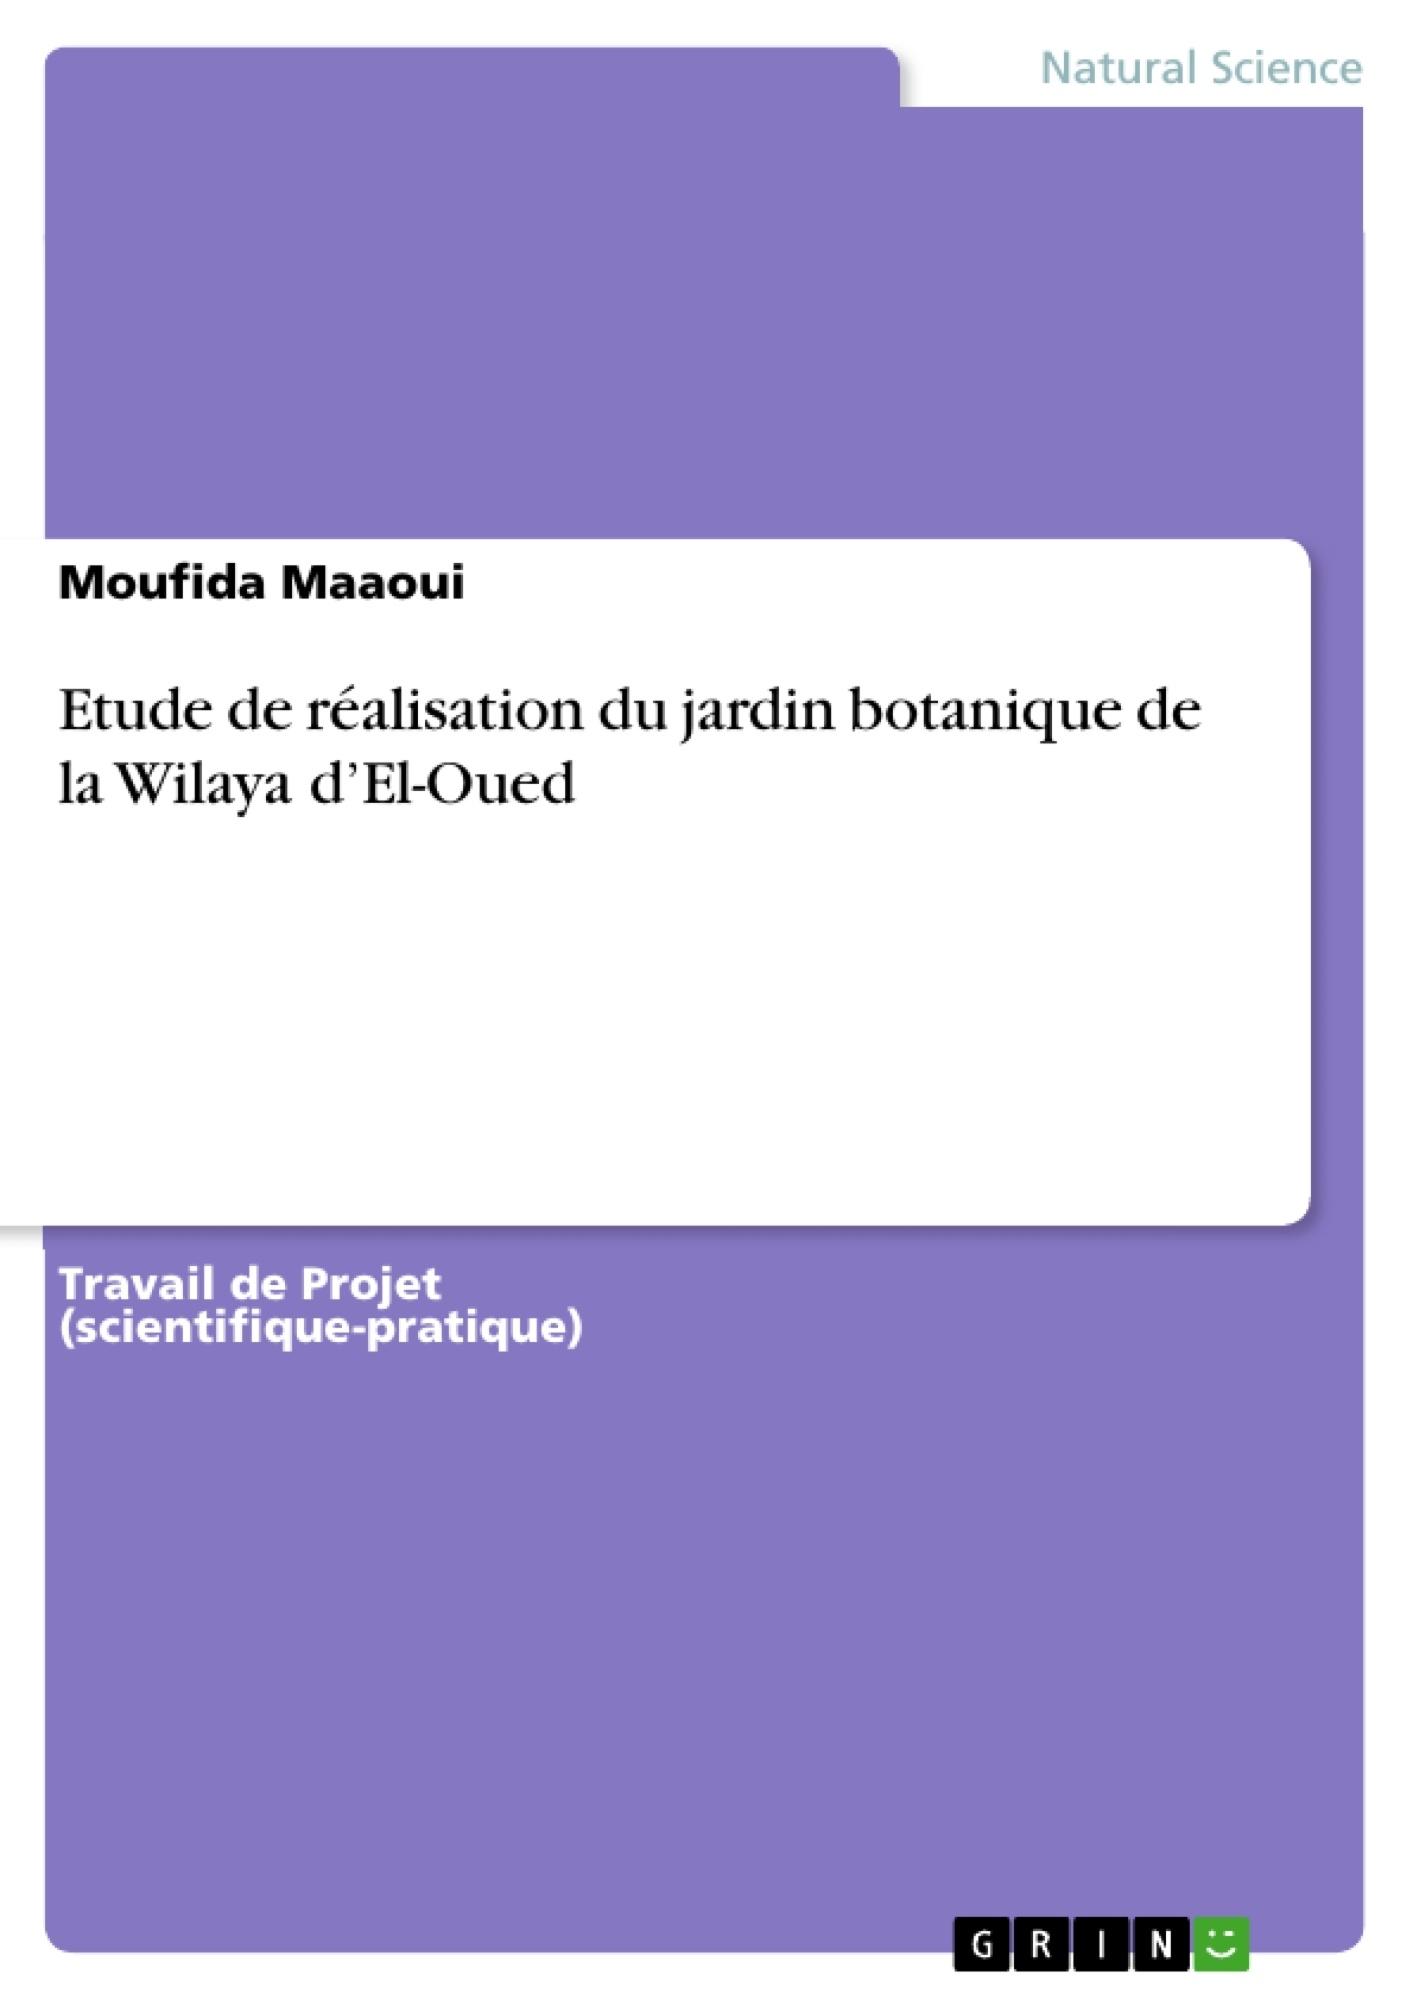 Titre: Etude de réalisation du jardin botanique de la Wilaya d'El-Oued